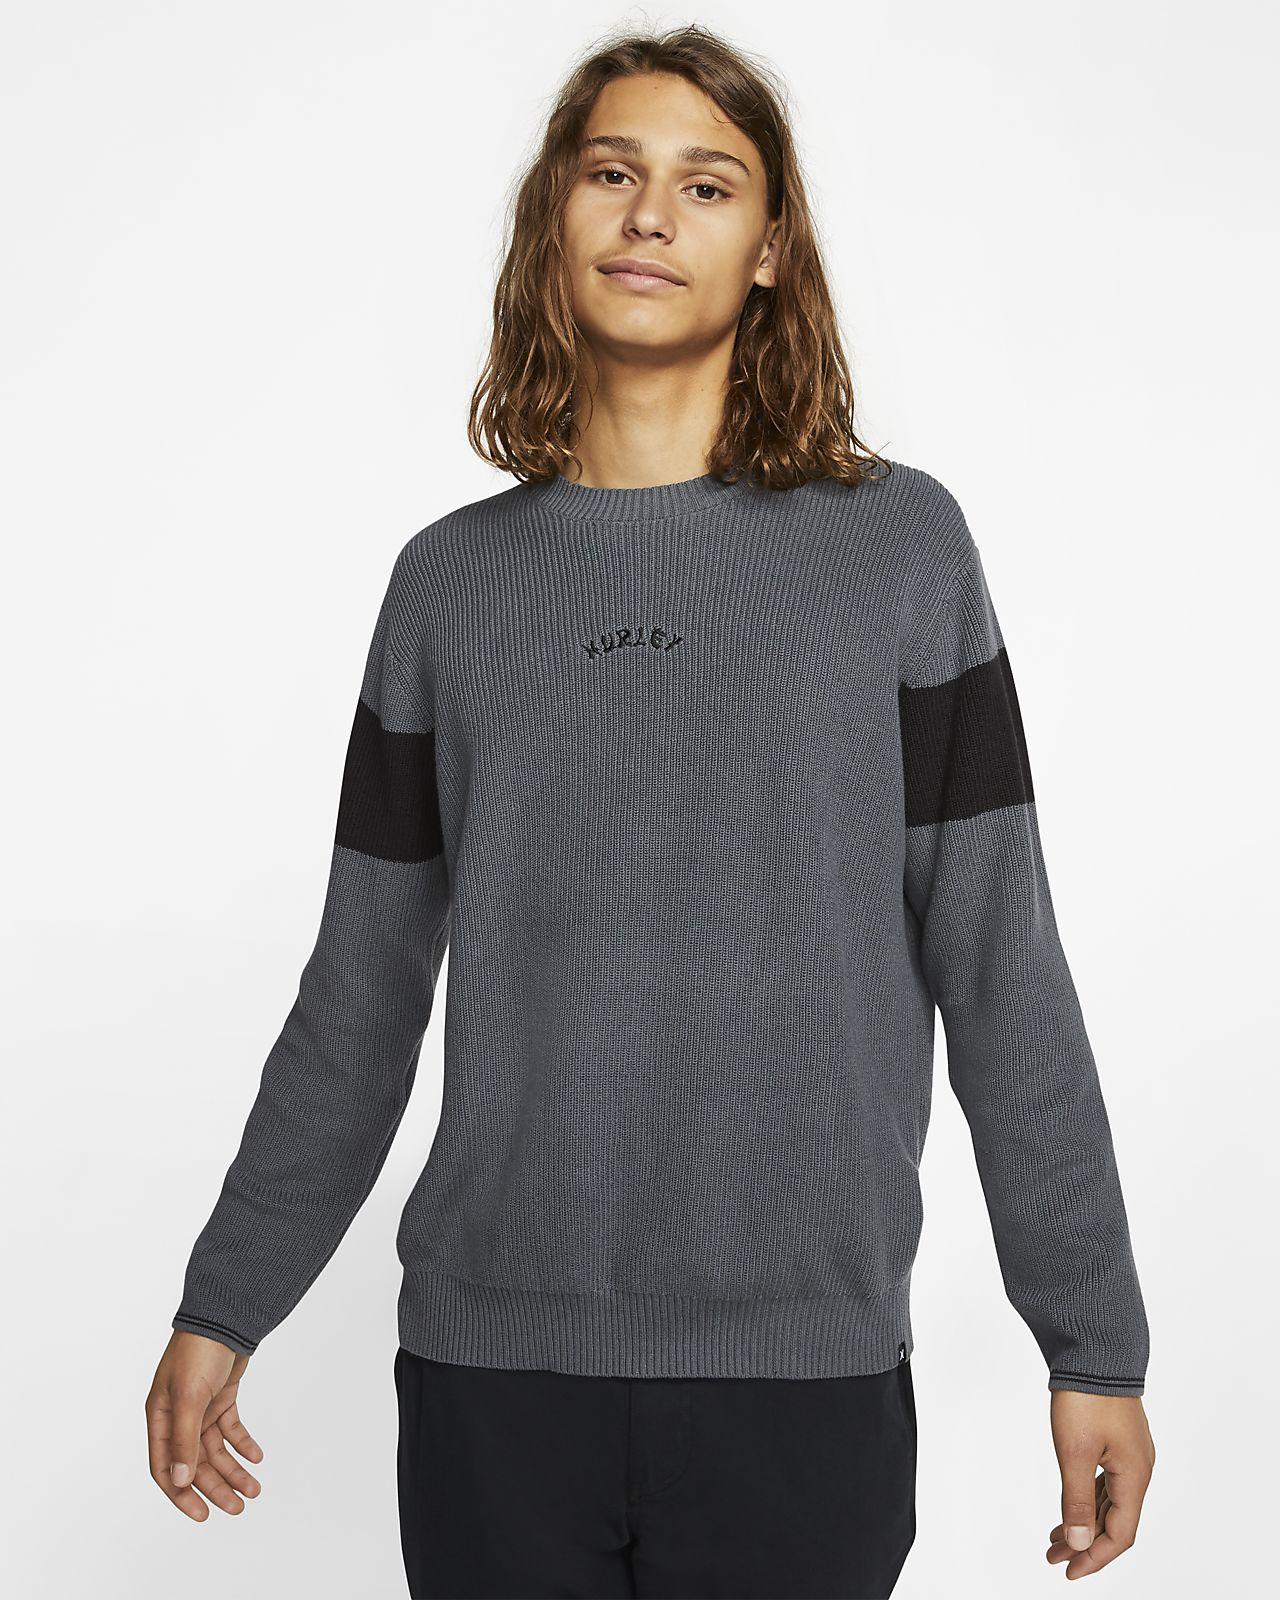 Hurley Rogers Varsity Herren-Sweatshirt